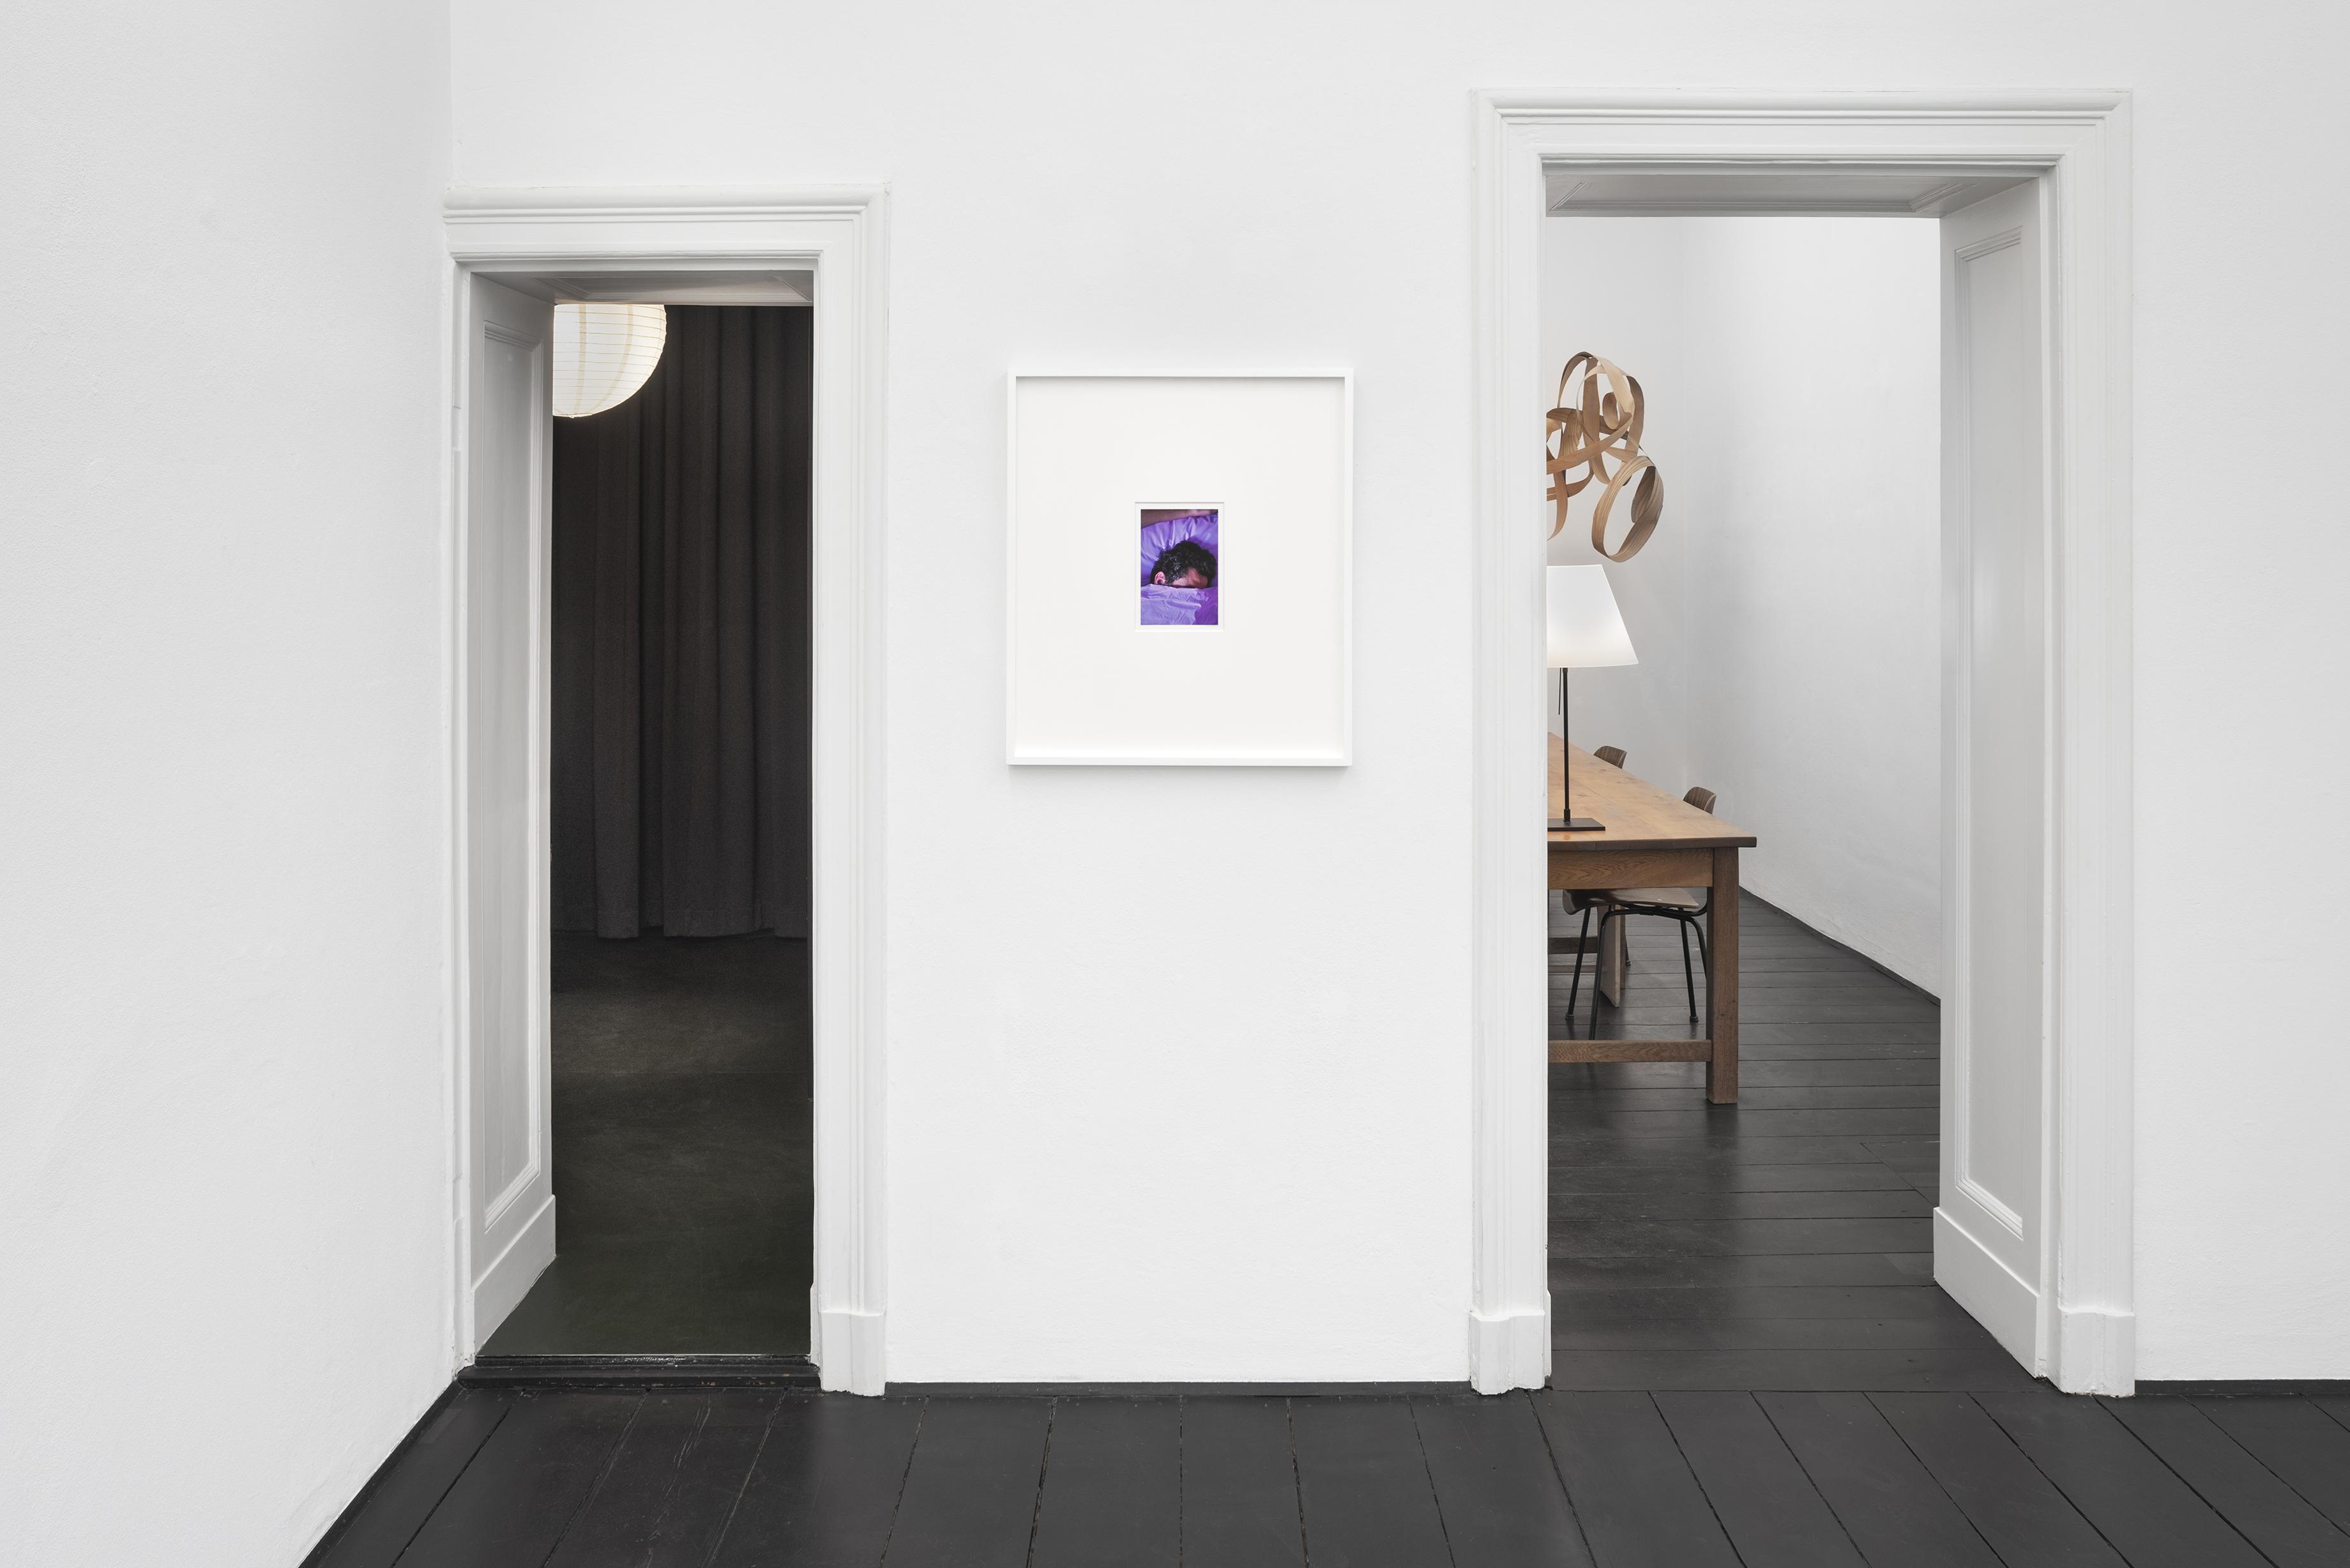 Mehdi Chouakri Exhibition